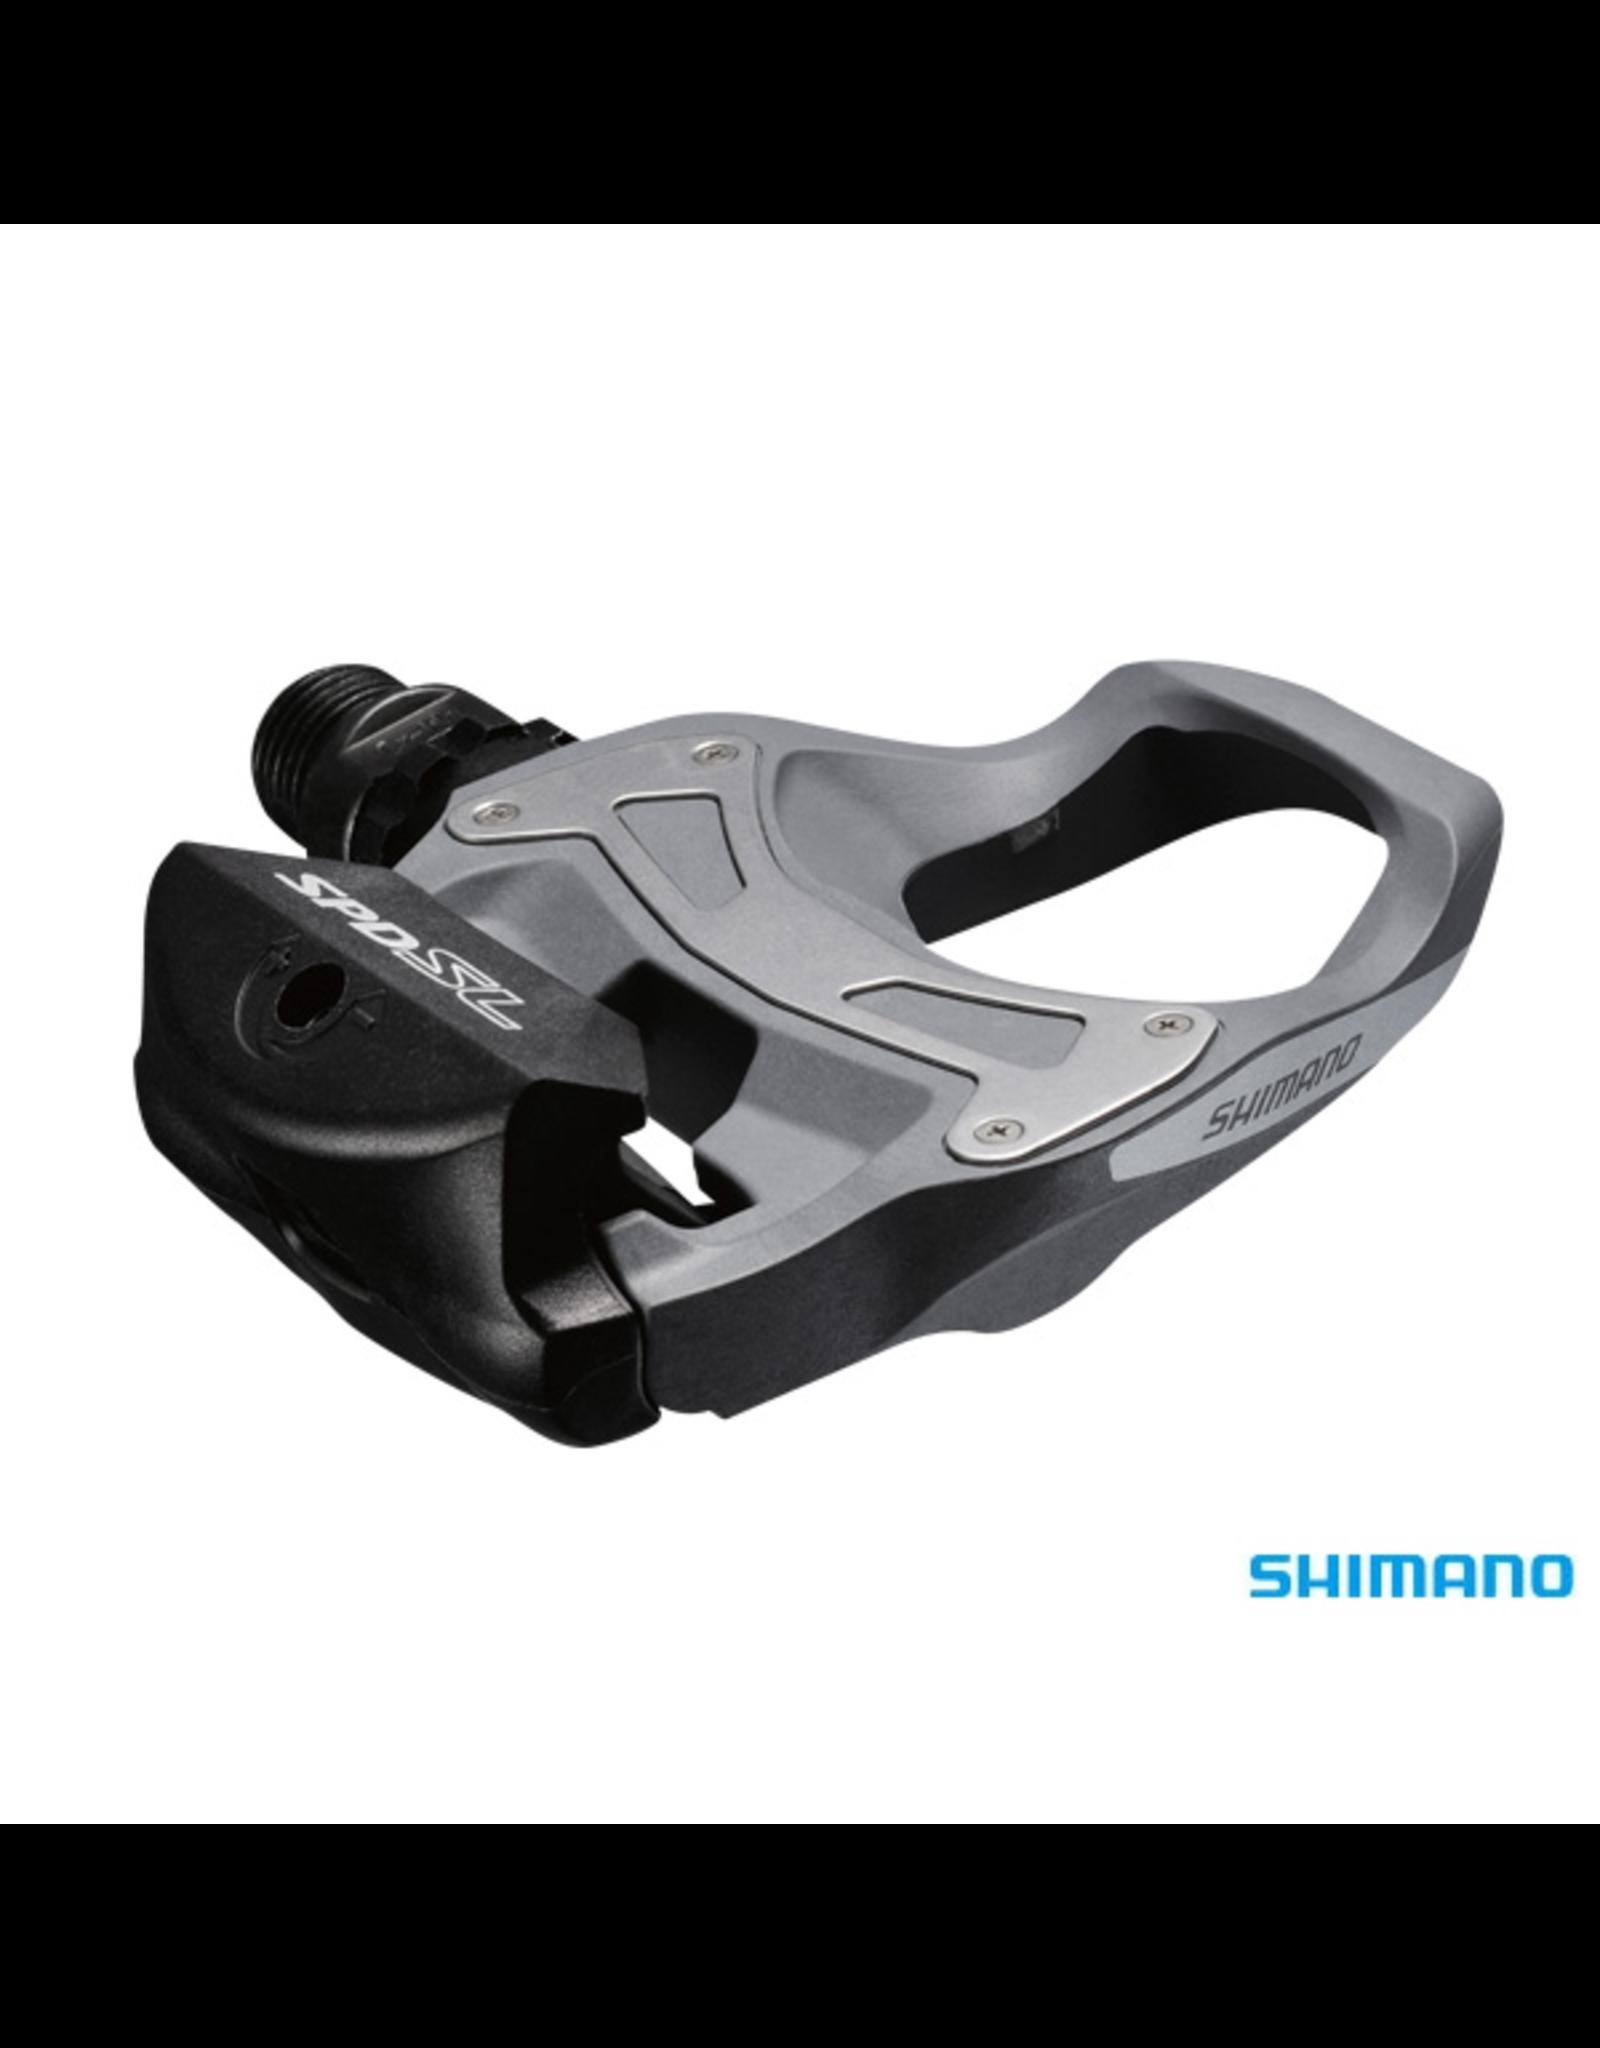 Shimano PEDALS SHIMANO PD-R550 SPD-SL GREY